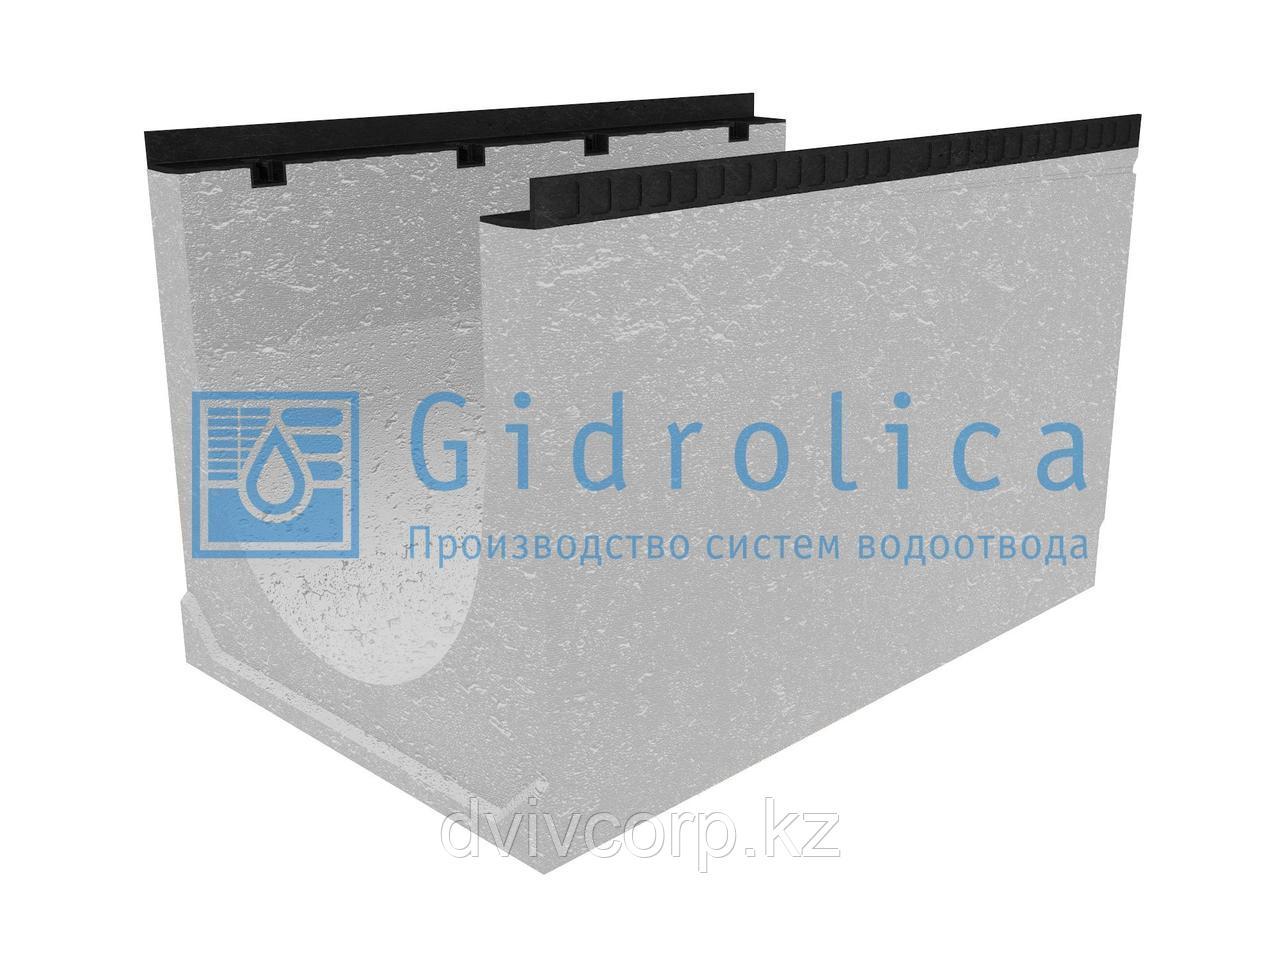 Лоток водоотводный бетонный коробчатый (СО-500мм), с уклоном 0,5%  КUу 100.65(50).62,5(53,5) - BGМ, №  35